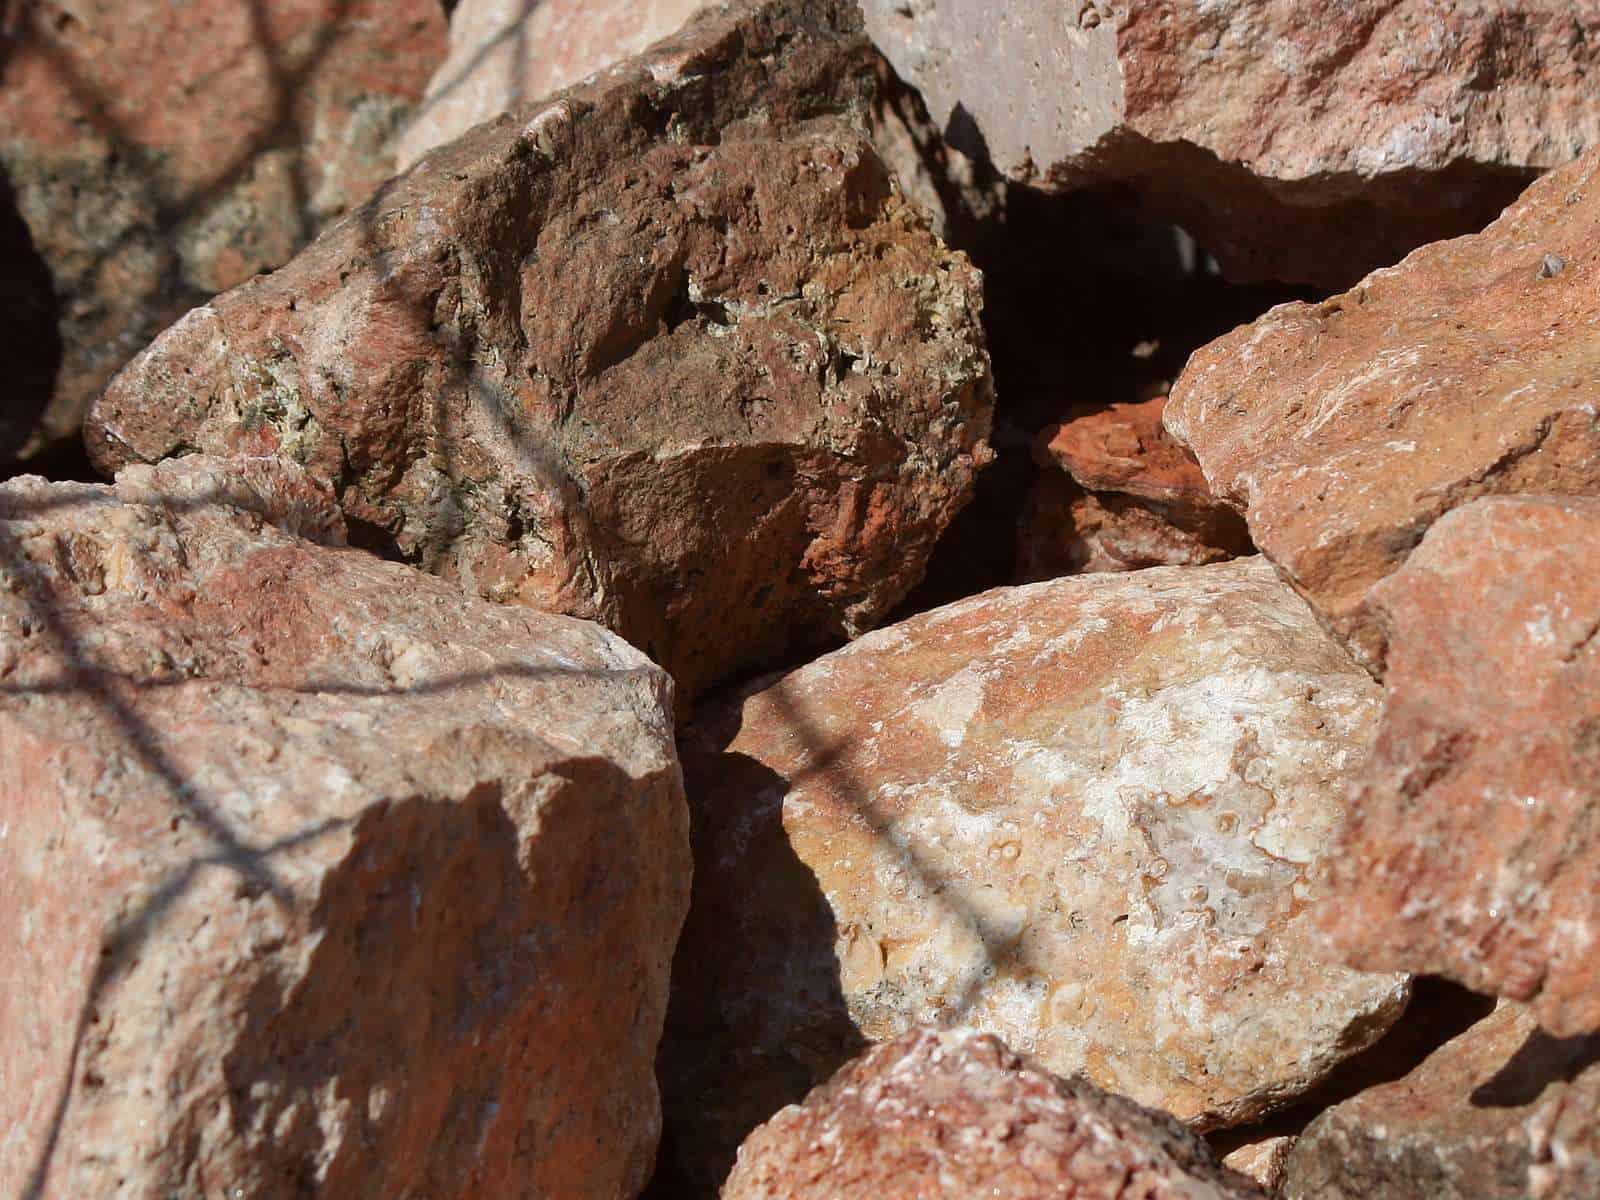 Ziersteine Natursteine Fur Den Garten Ihr Baustoffhandel In Nrw